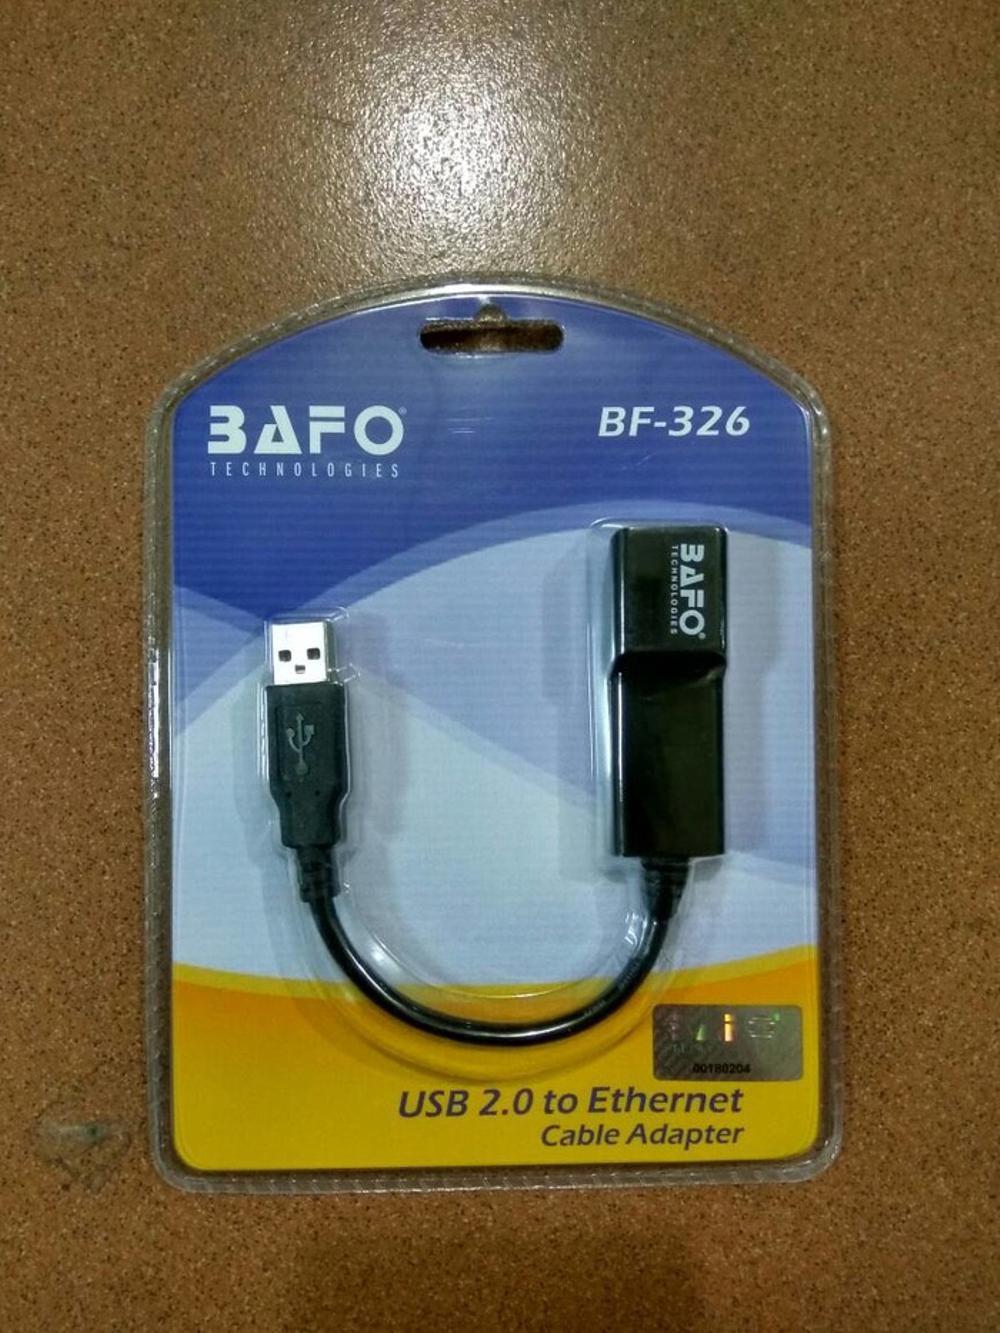 Jual Bafo Usb To Murah Garansi Dan Berkualitas Id Store Serial Rs232 Db9 Original Adapter Hitamidr150000 Rp 150000